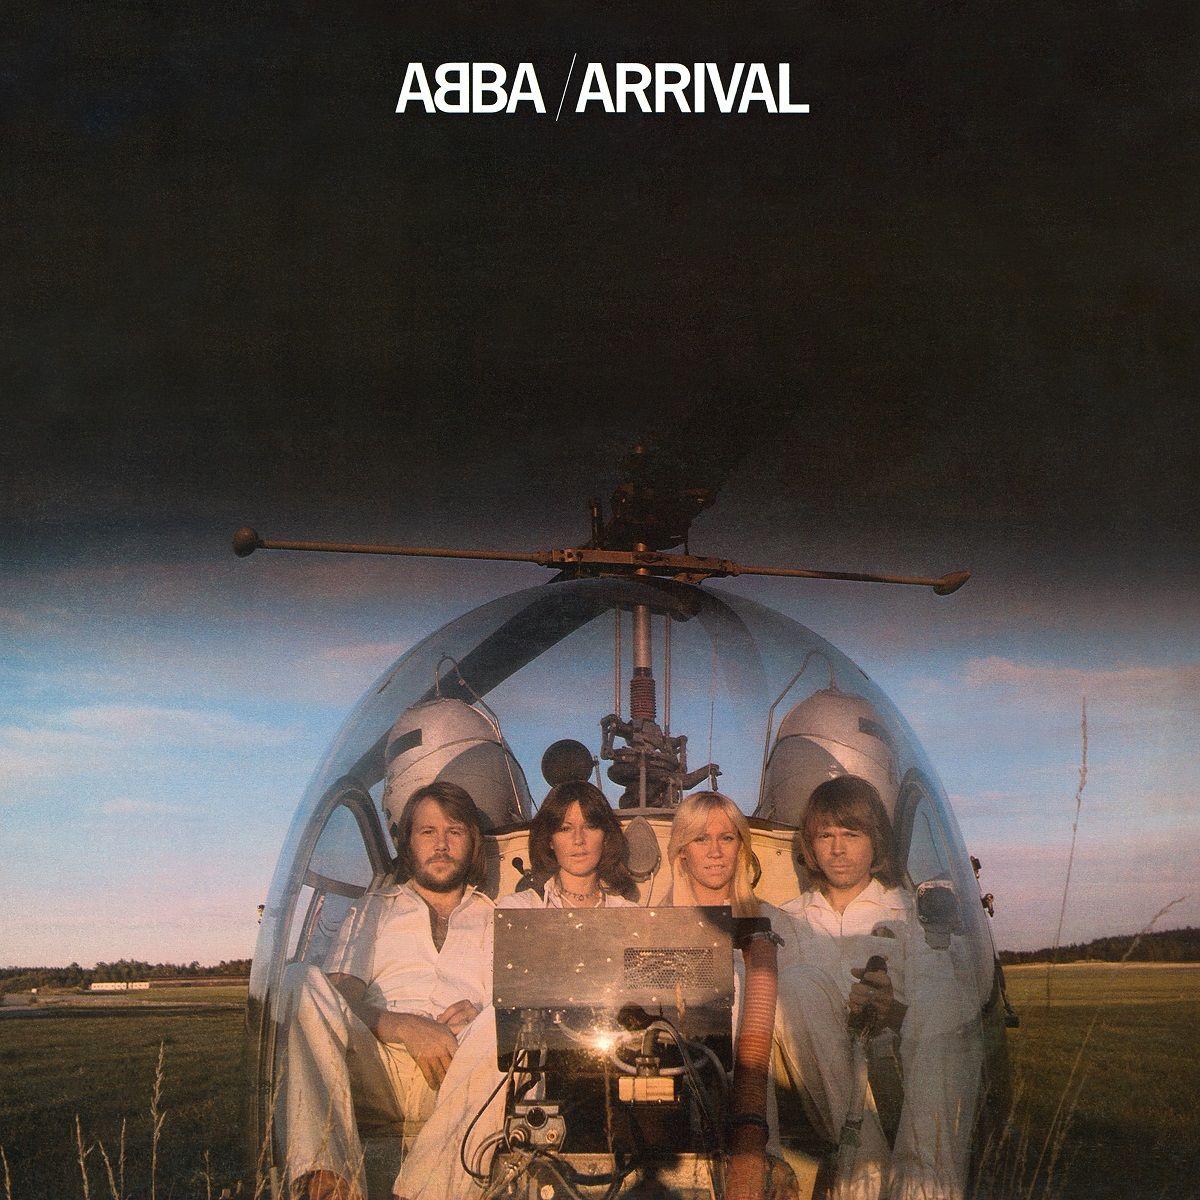 ABBA's studio albums ranked